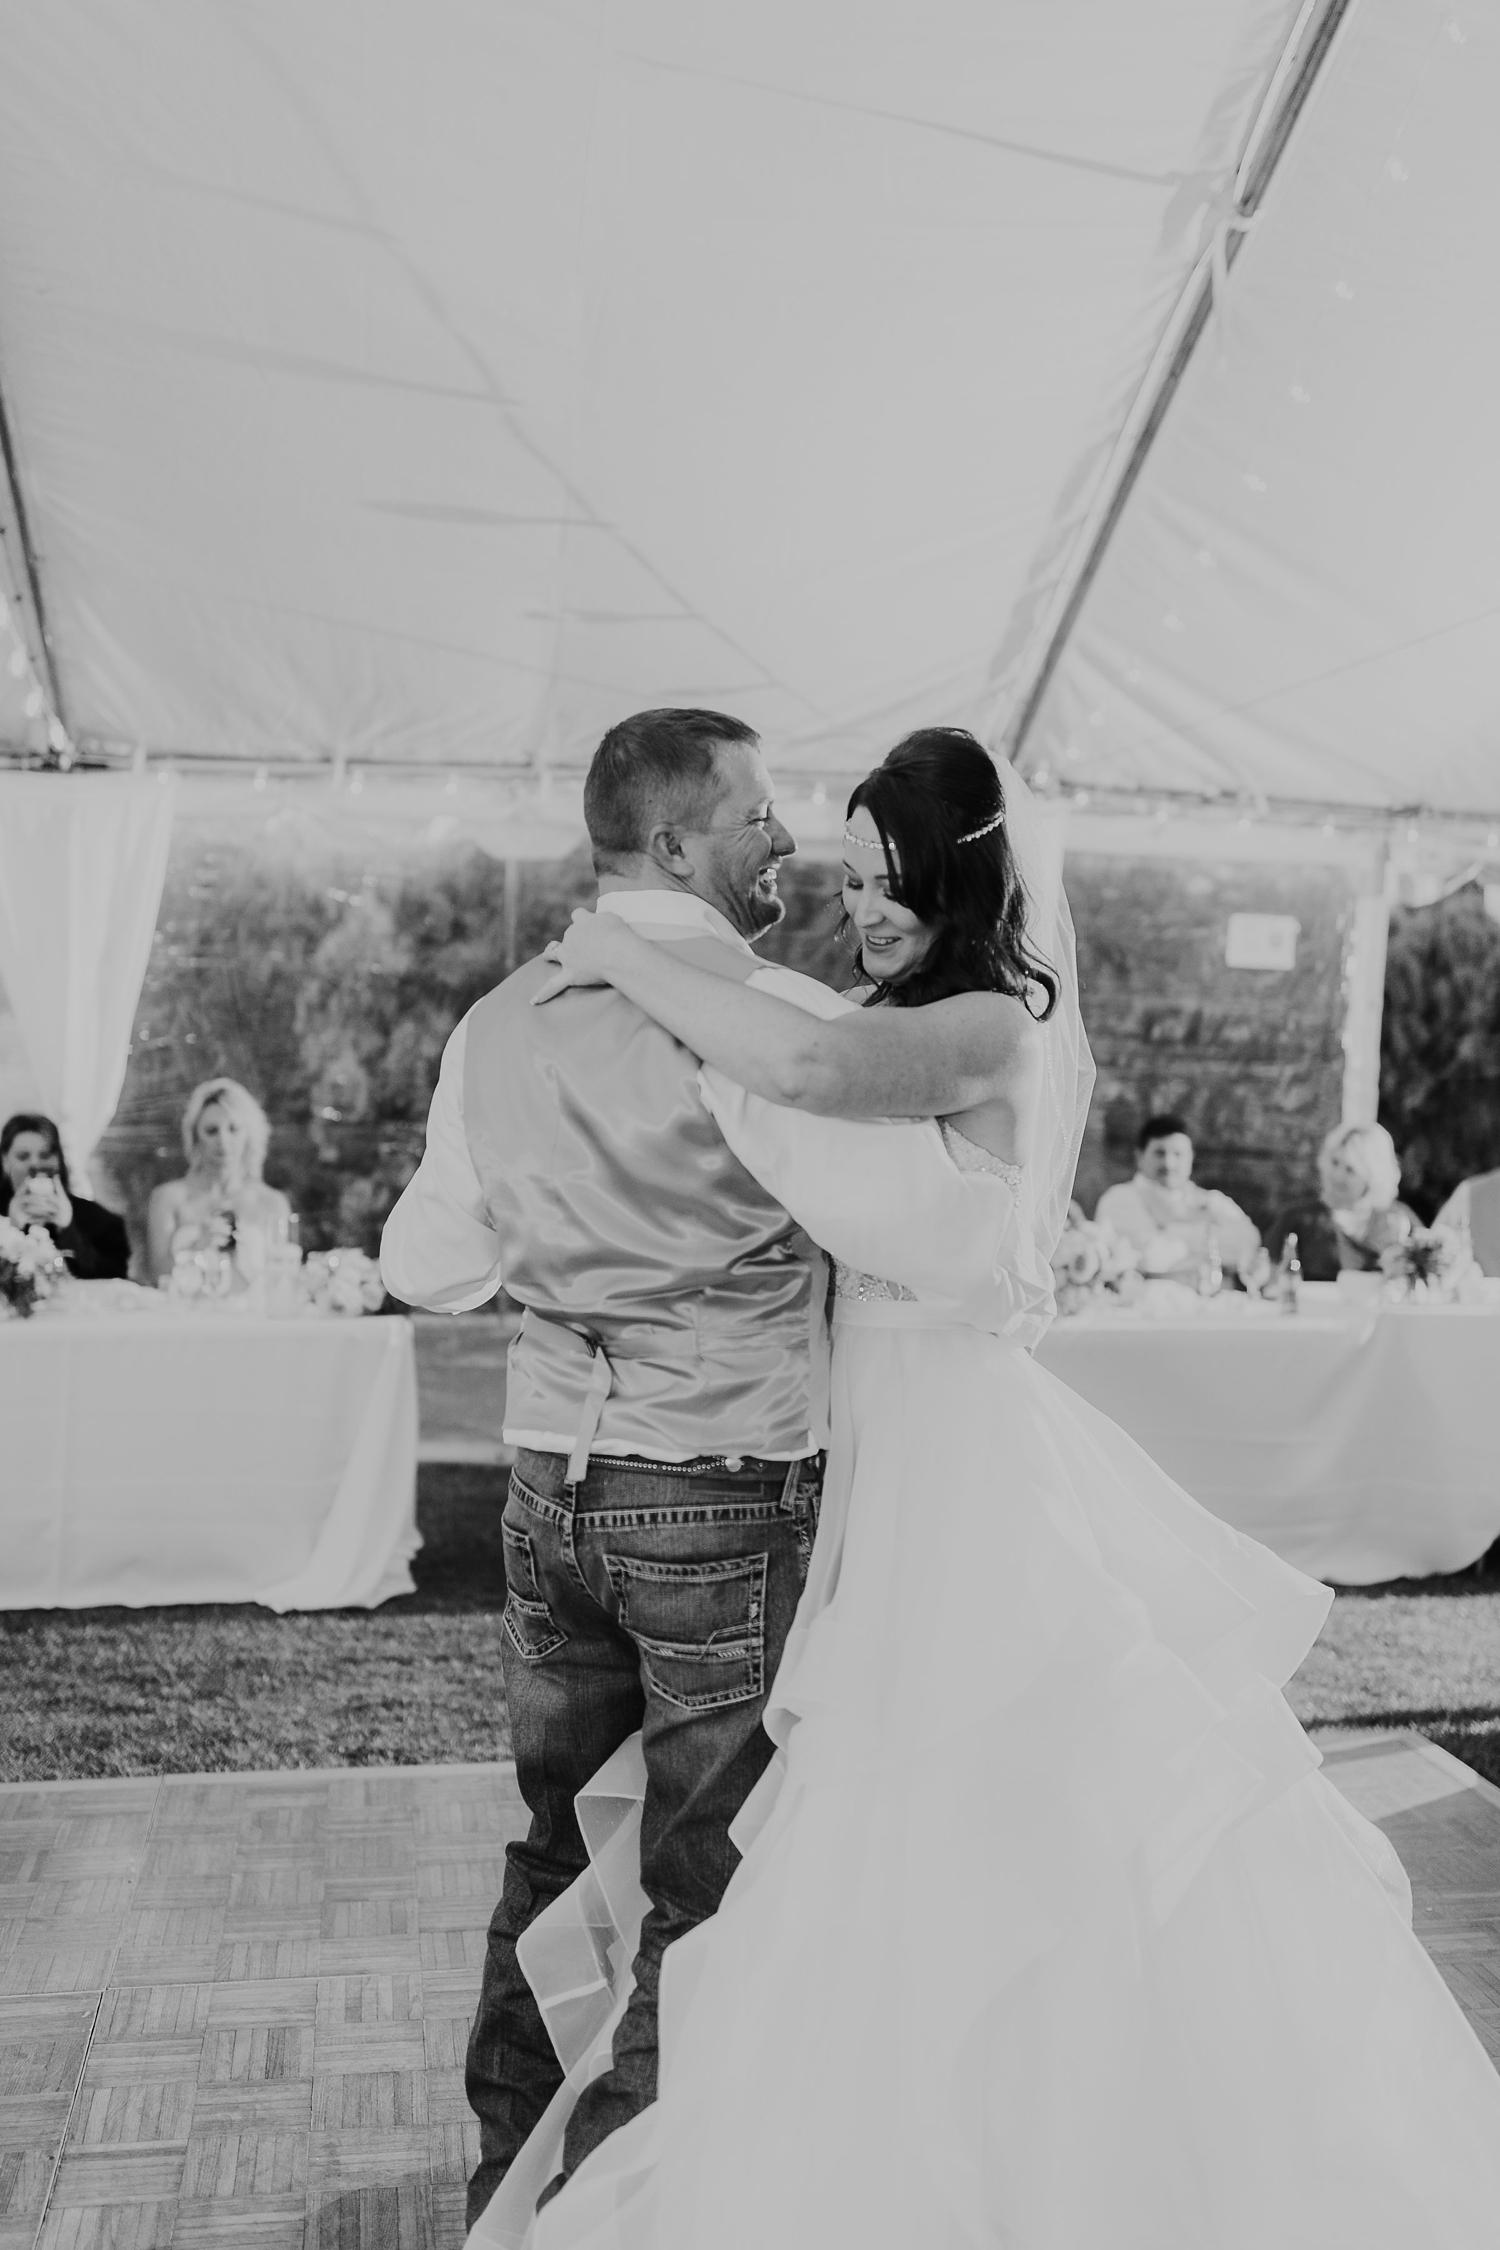 Alicia+lucia+photography+-+albuquerque+wedding+photographer+-+santa+fe+wedding+photography+-+new+mexico+wedding+photographer+-+new+mexico+engagement+-+la+mesita+ranch+wedding+-+la+mesita+ranch+spring+wedding_0084.jpg